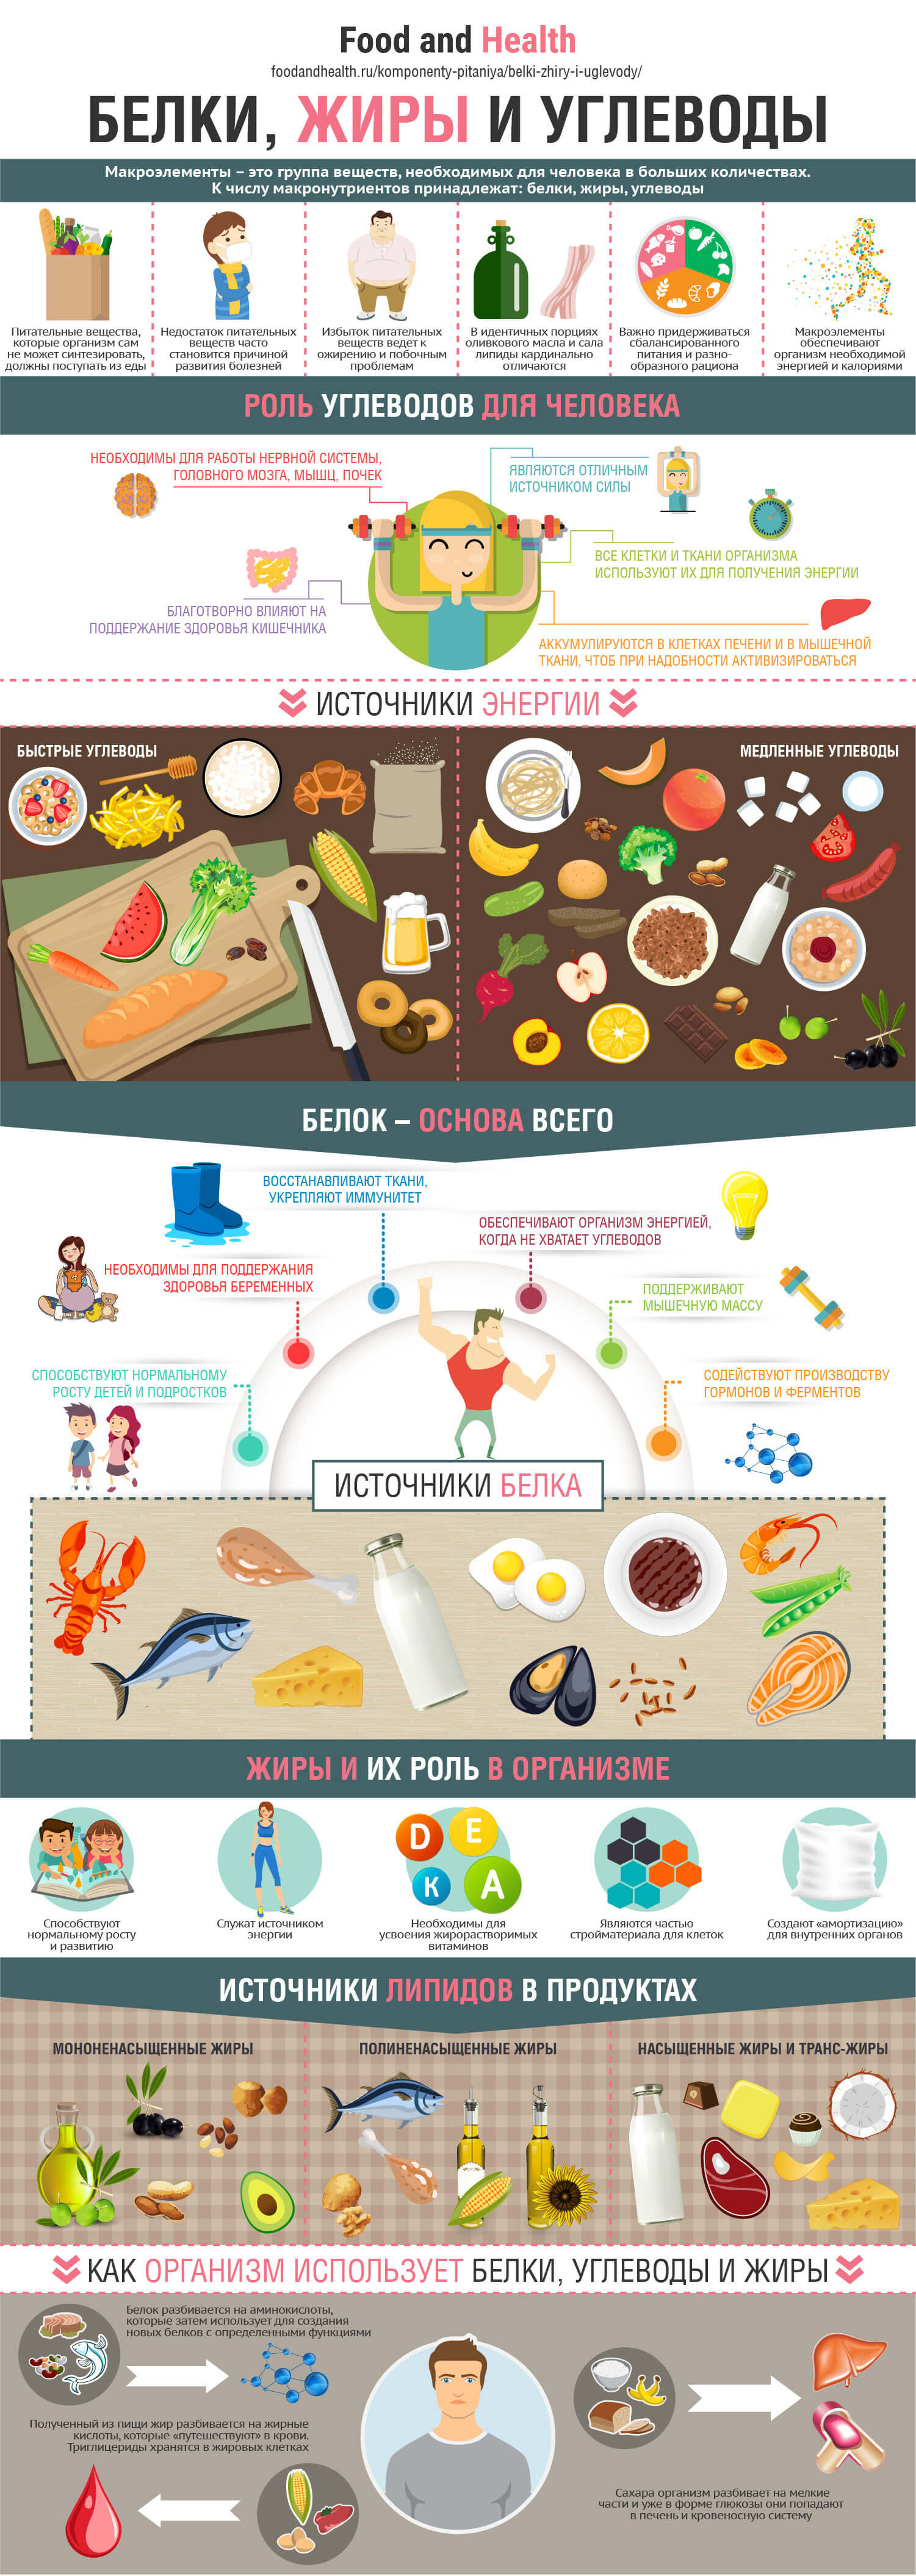 Салаты белки жиры углеводы